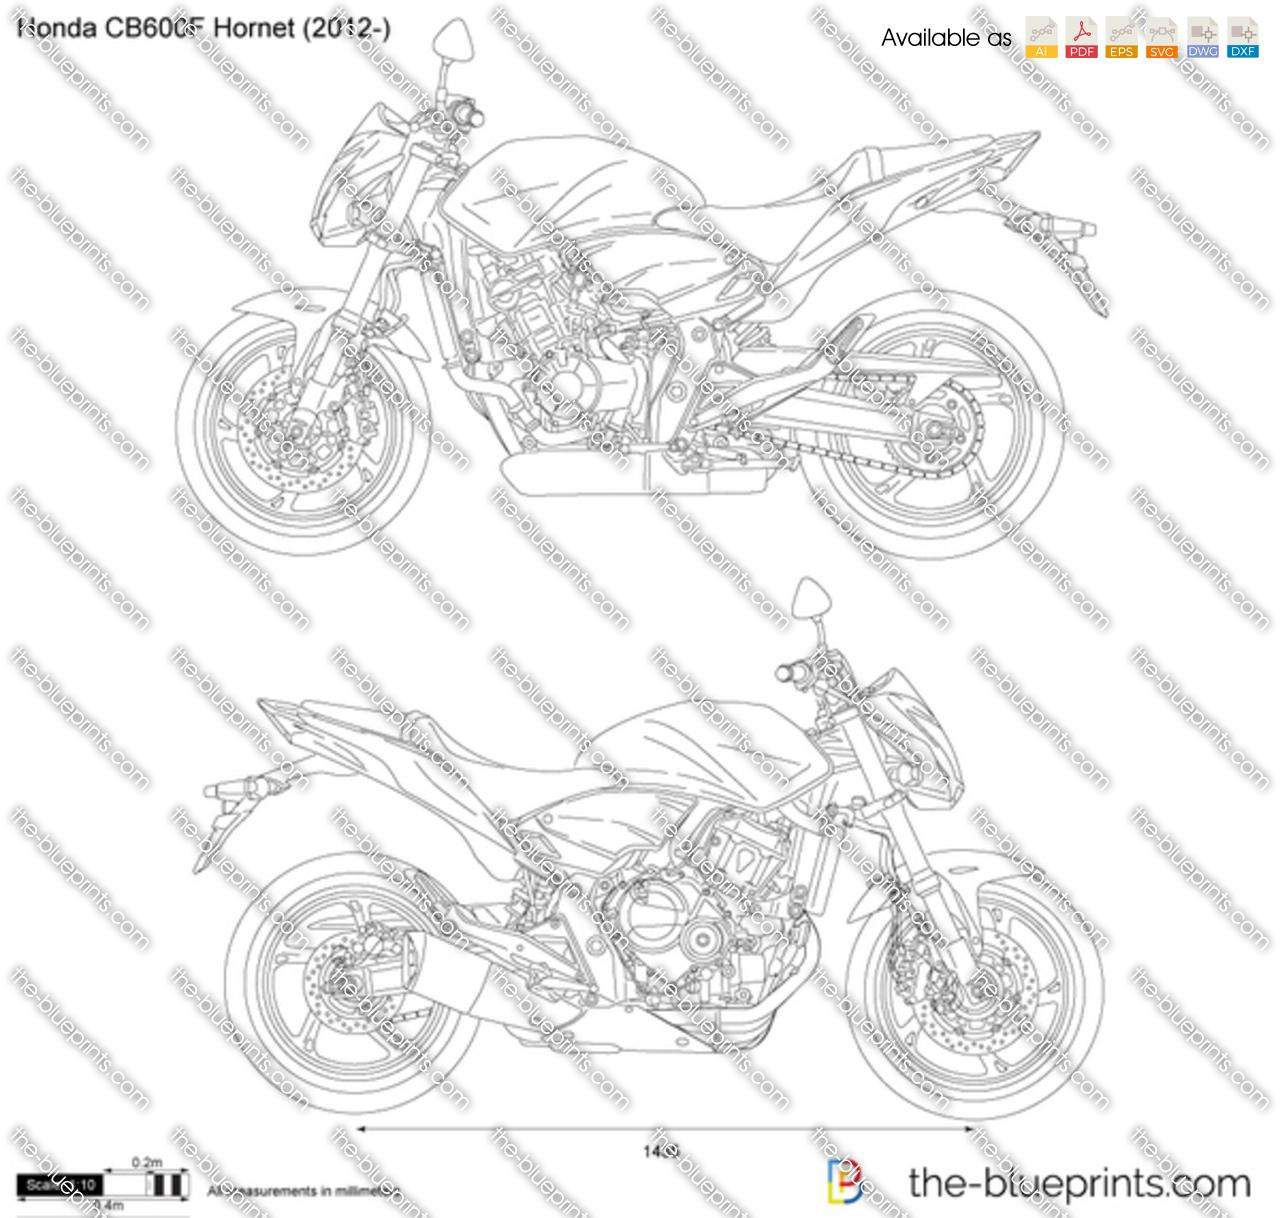 Honda CB600F Hornet 2016